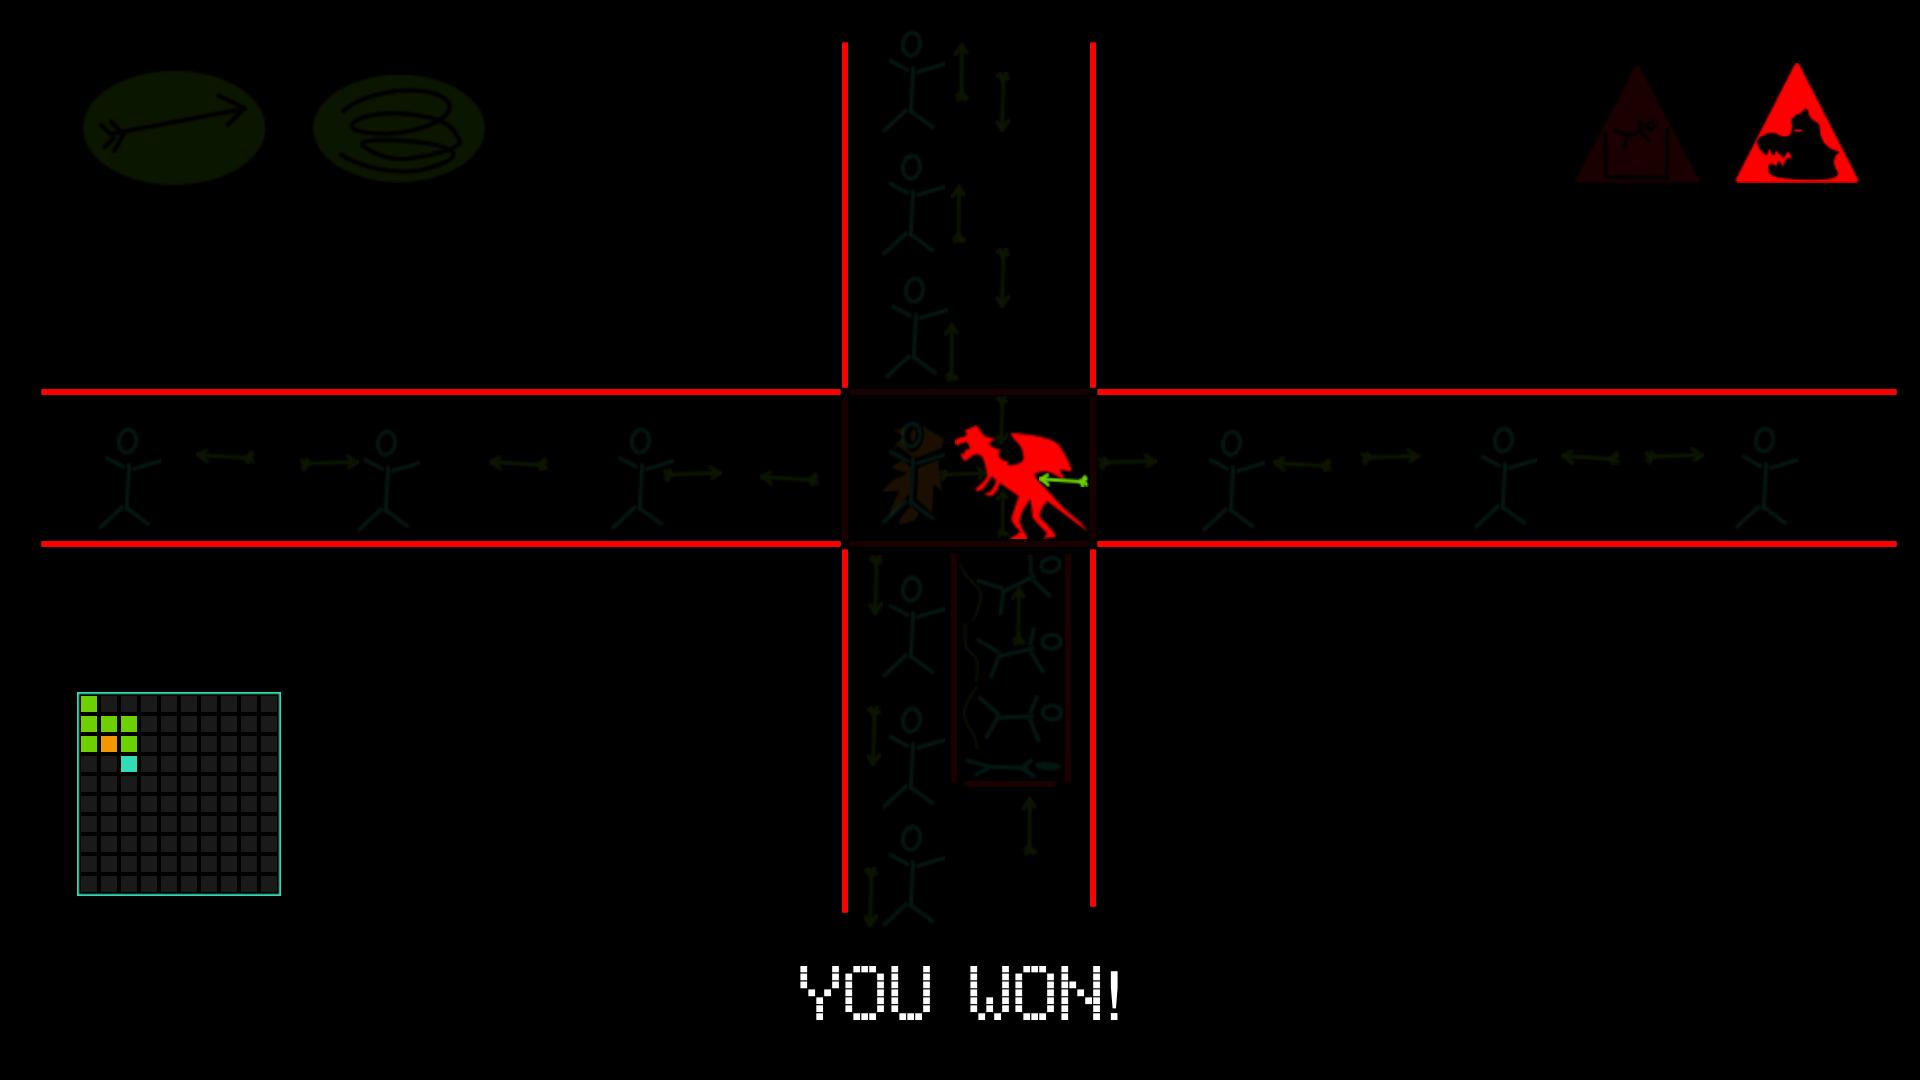 Pits of Death screenshot 7